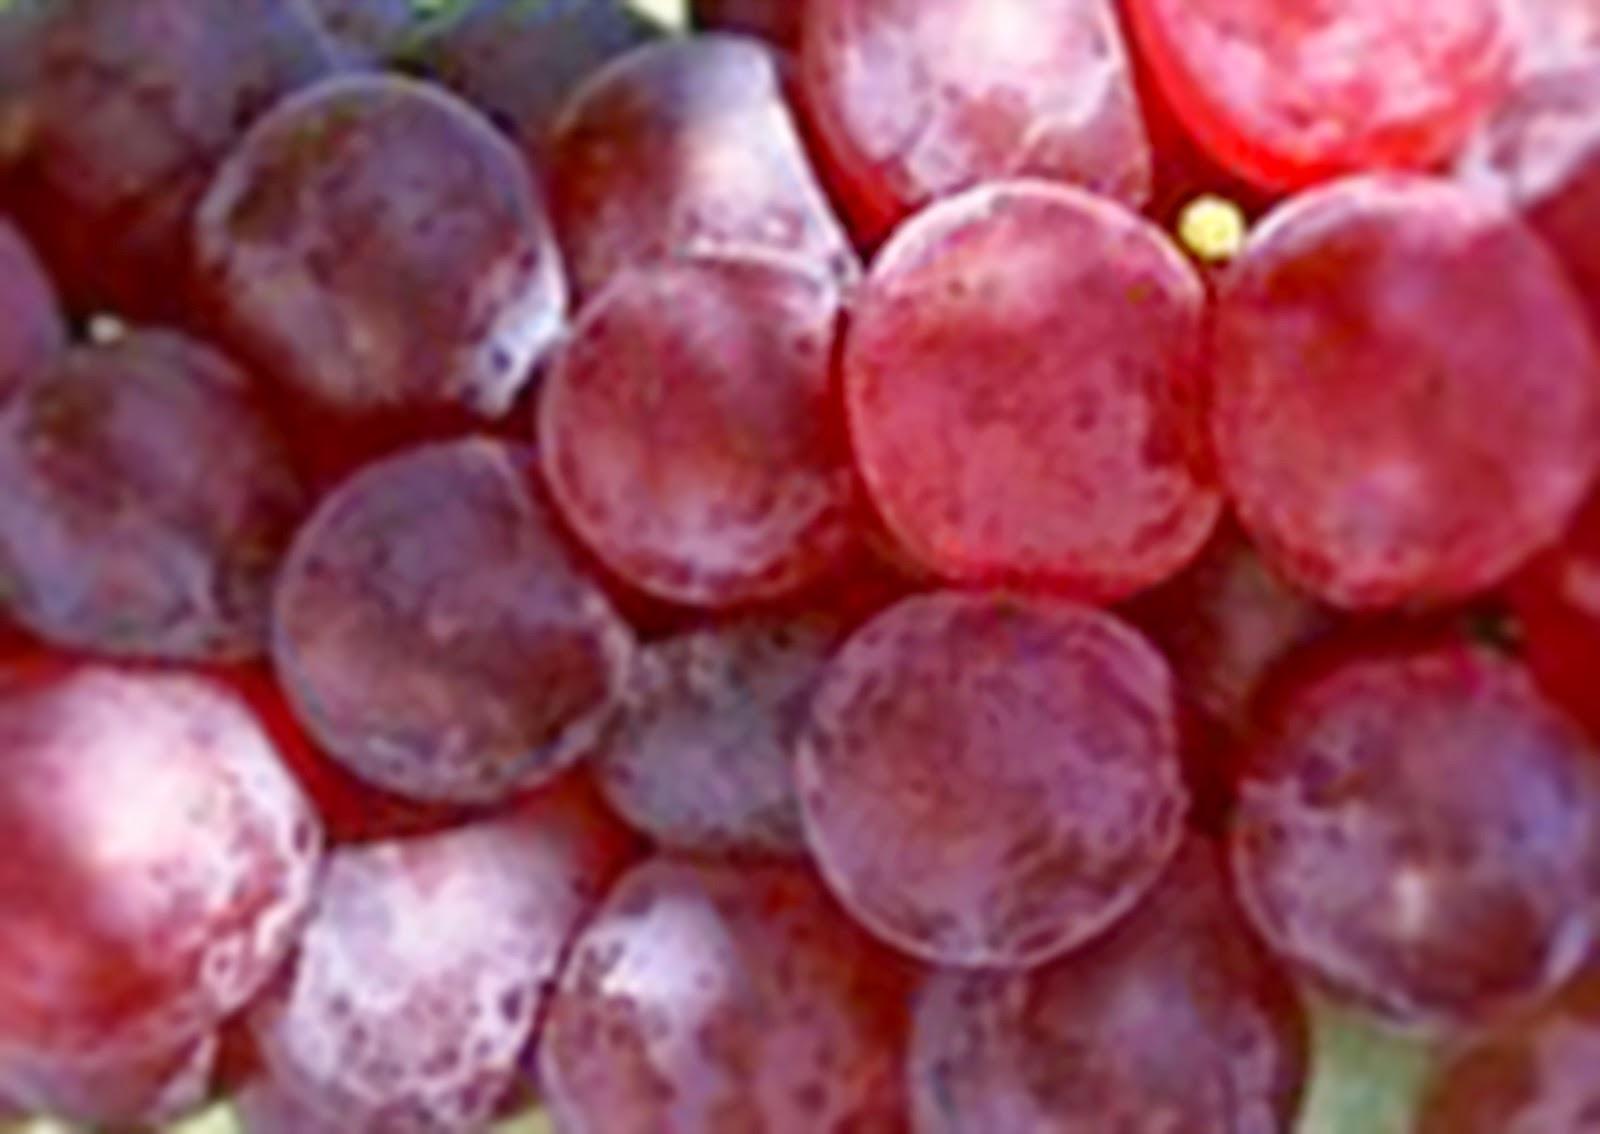 10 Manfaat Menakjubkan Buah Anggur untuk Kesehatan Anda